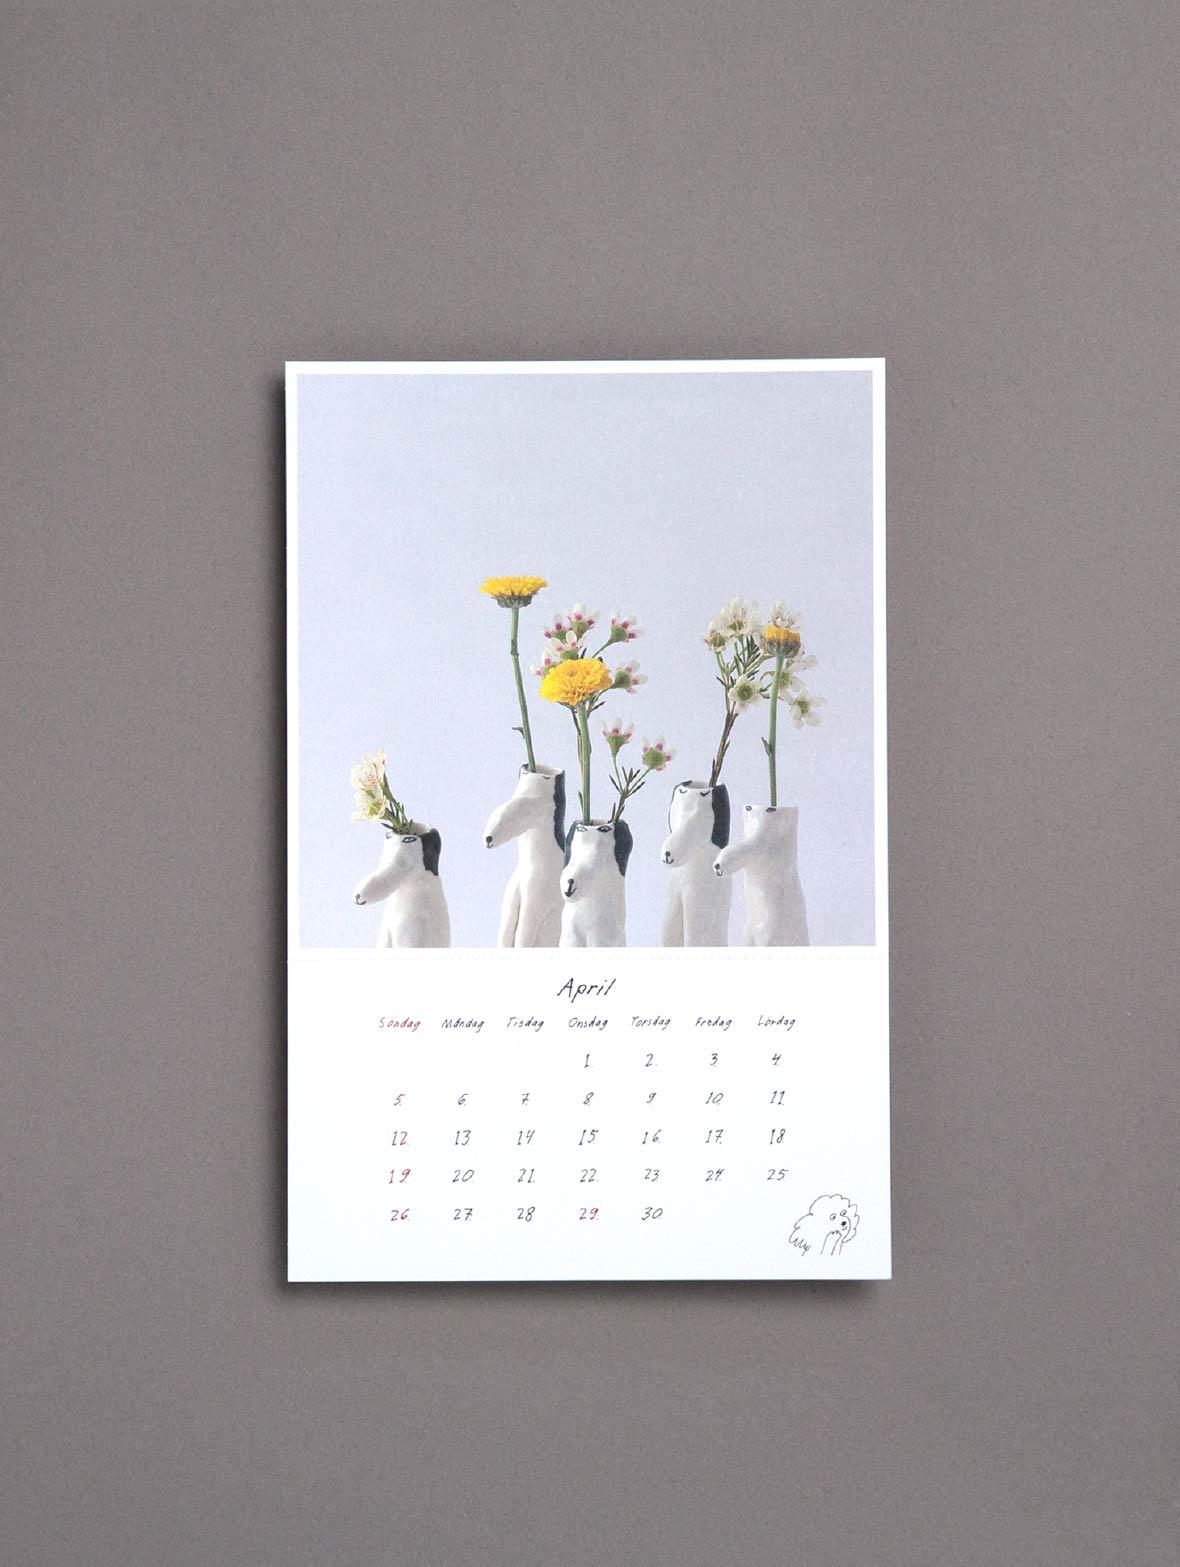 【TK】エレオノール・ボストロム 2020 カレンダー